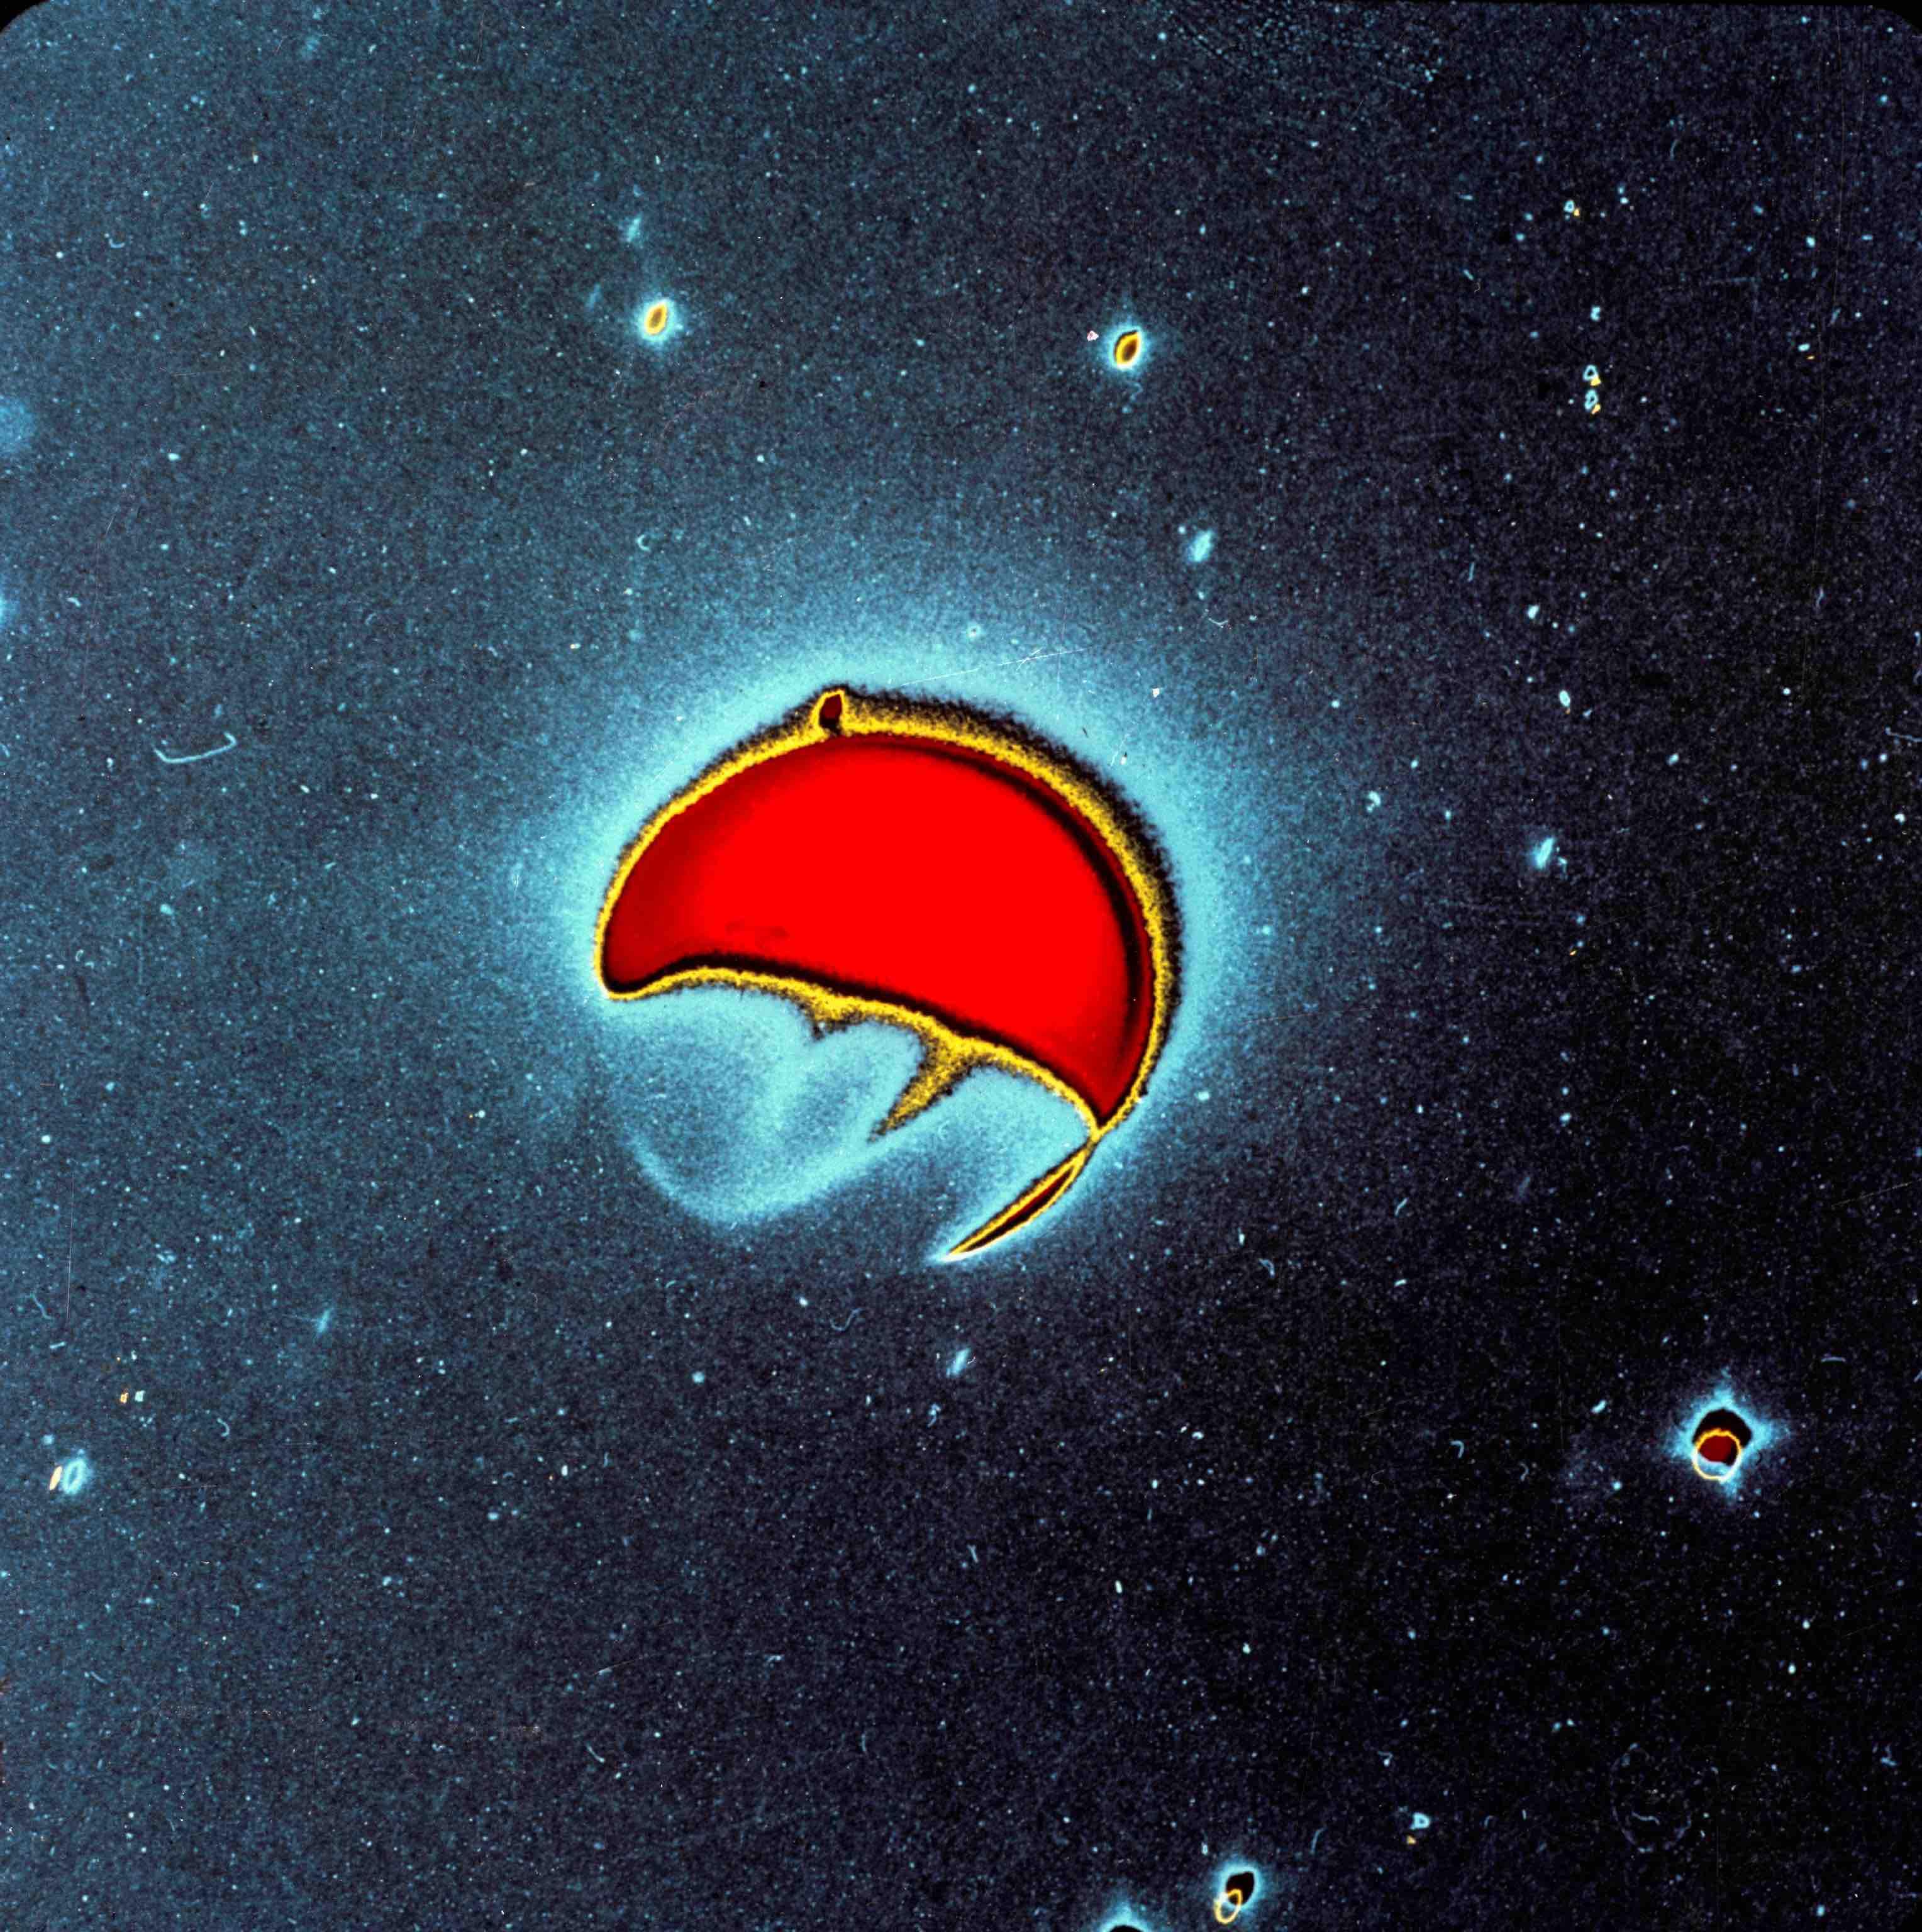 Apollo-earth-glow-image_small